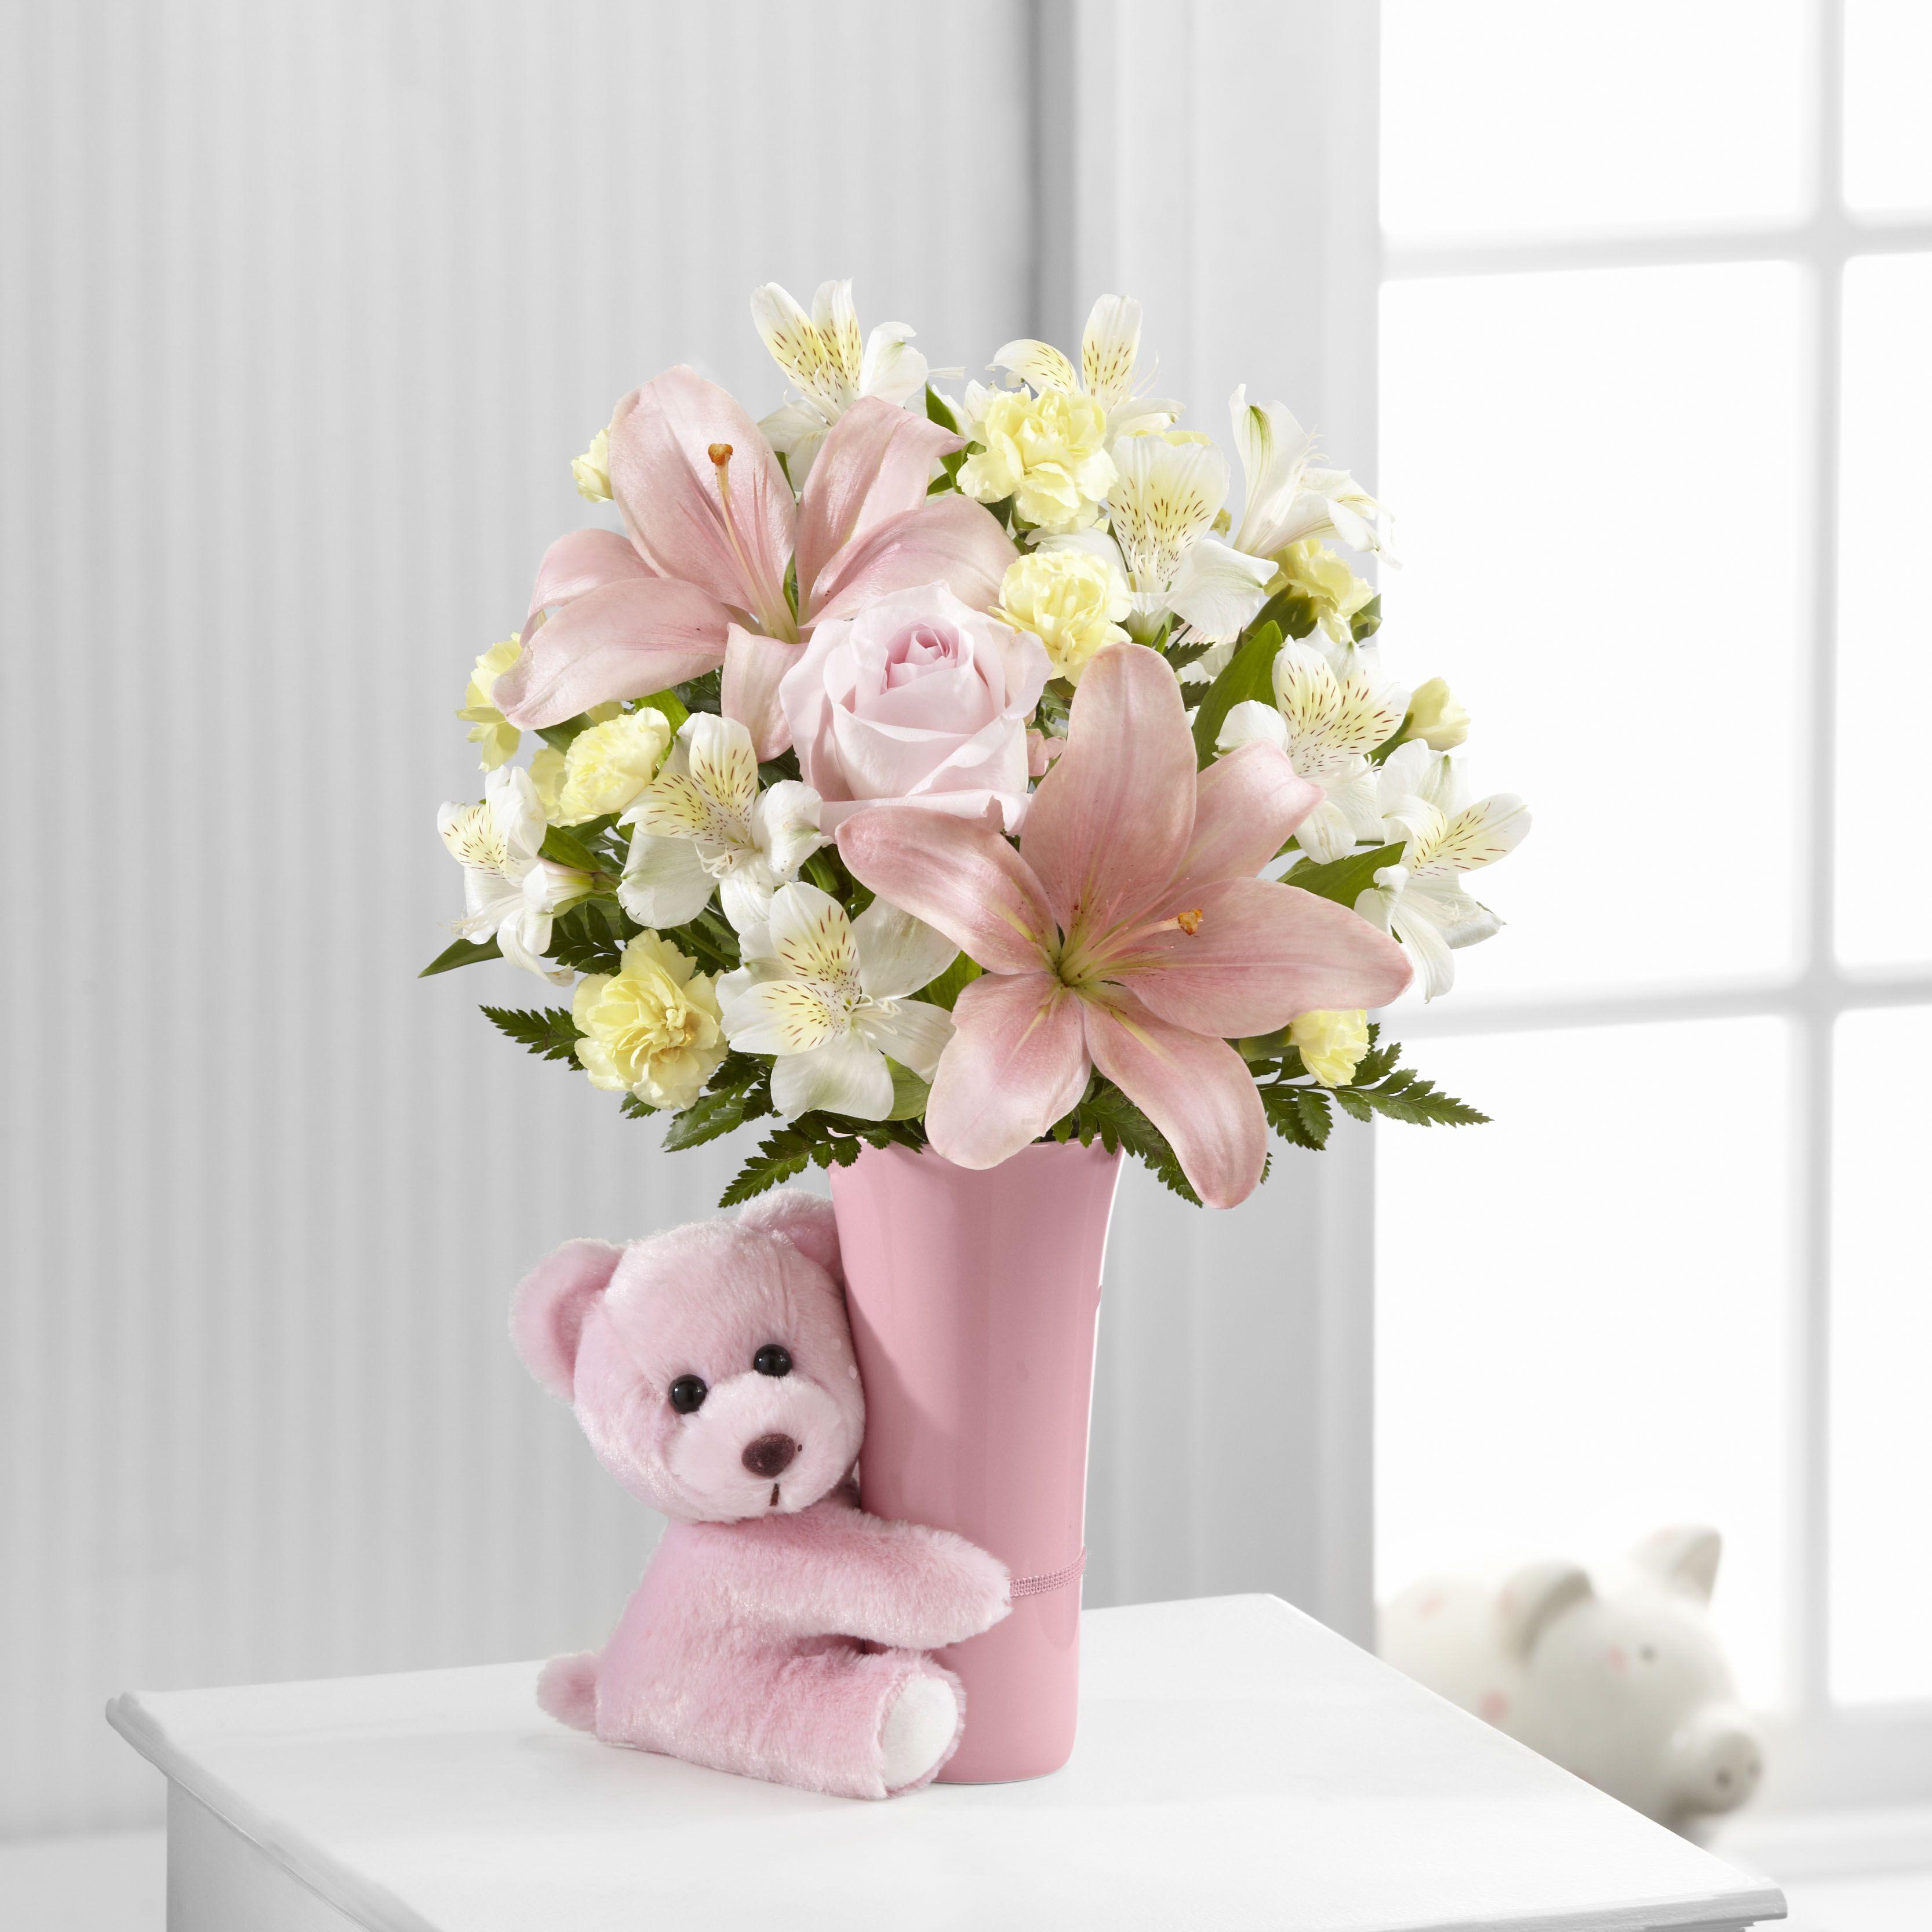 New baby flowers valentine flower